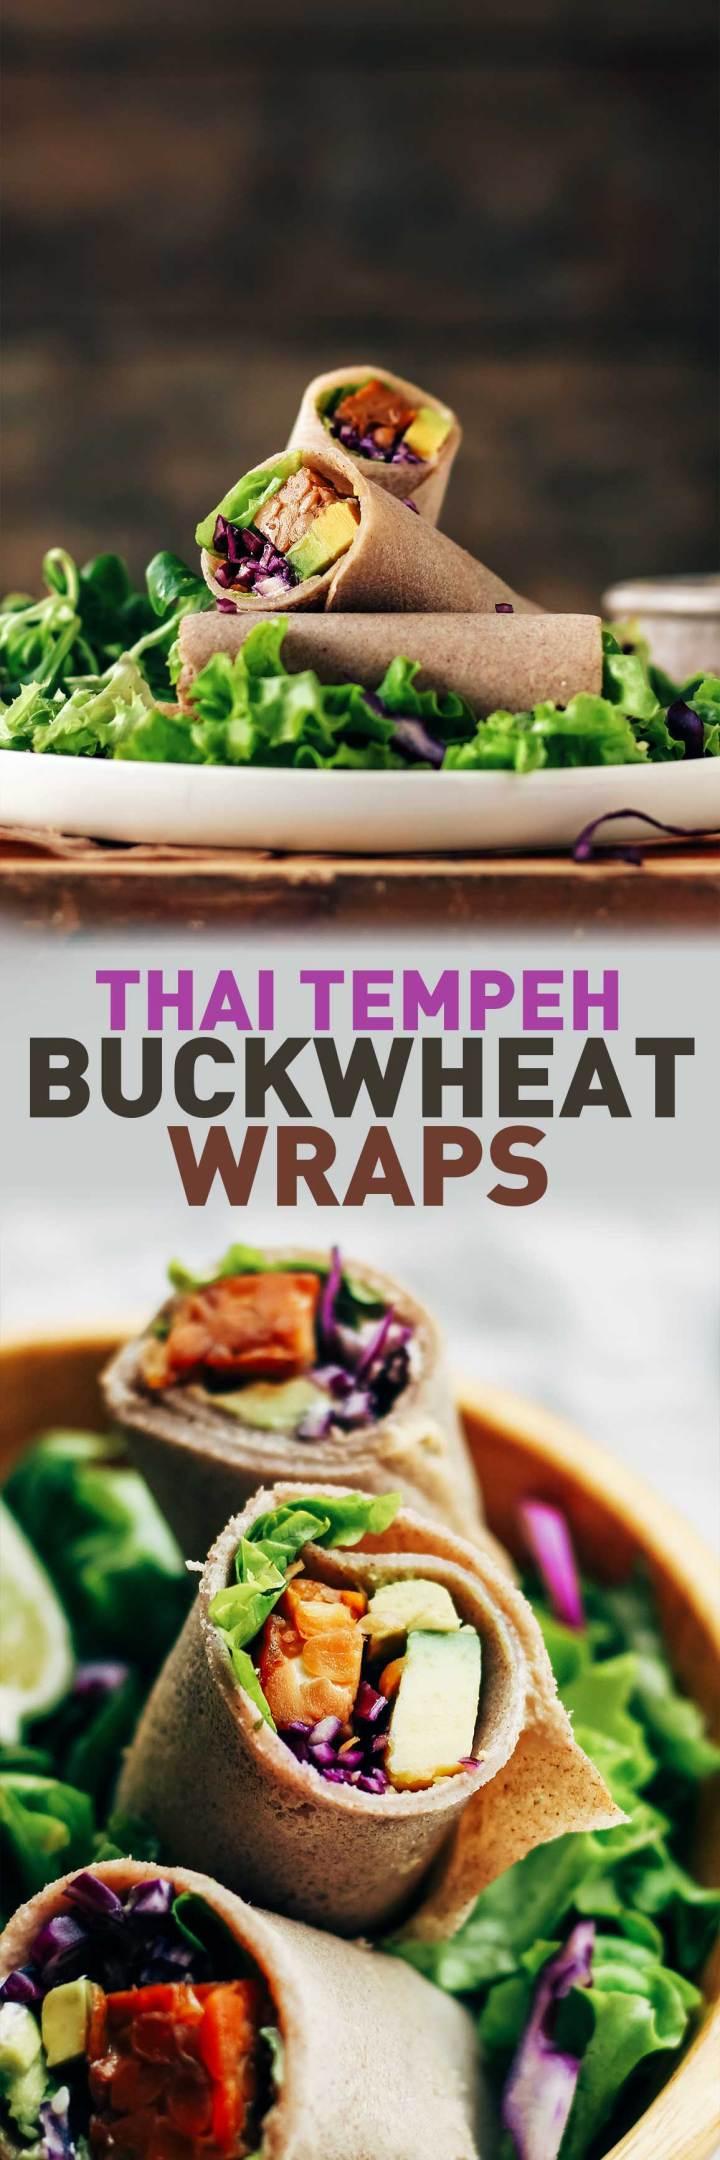 Thai Tempeh Buckwheat Wraps